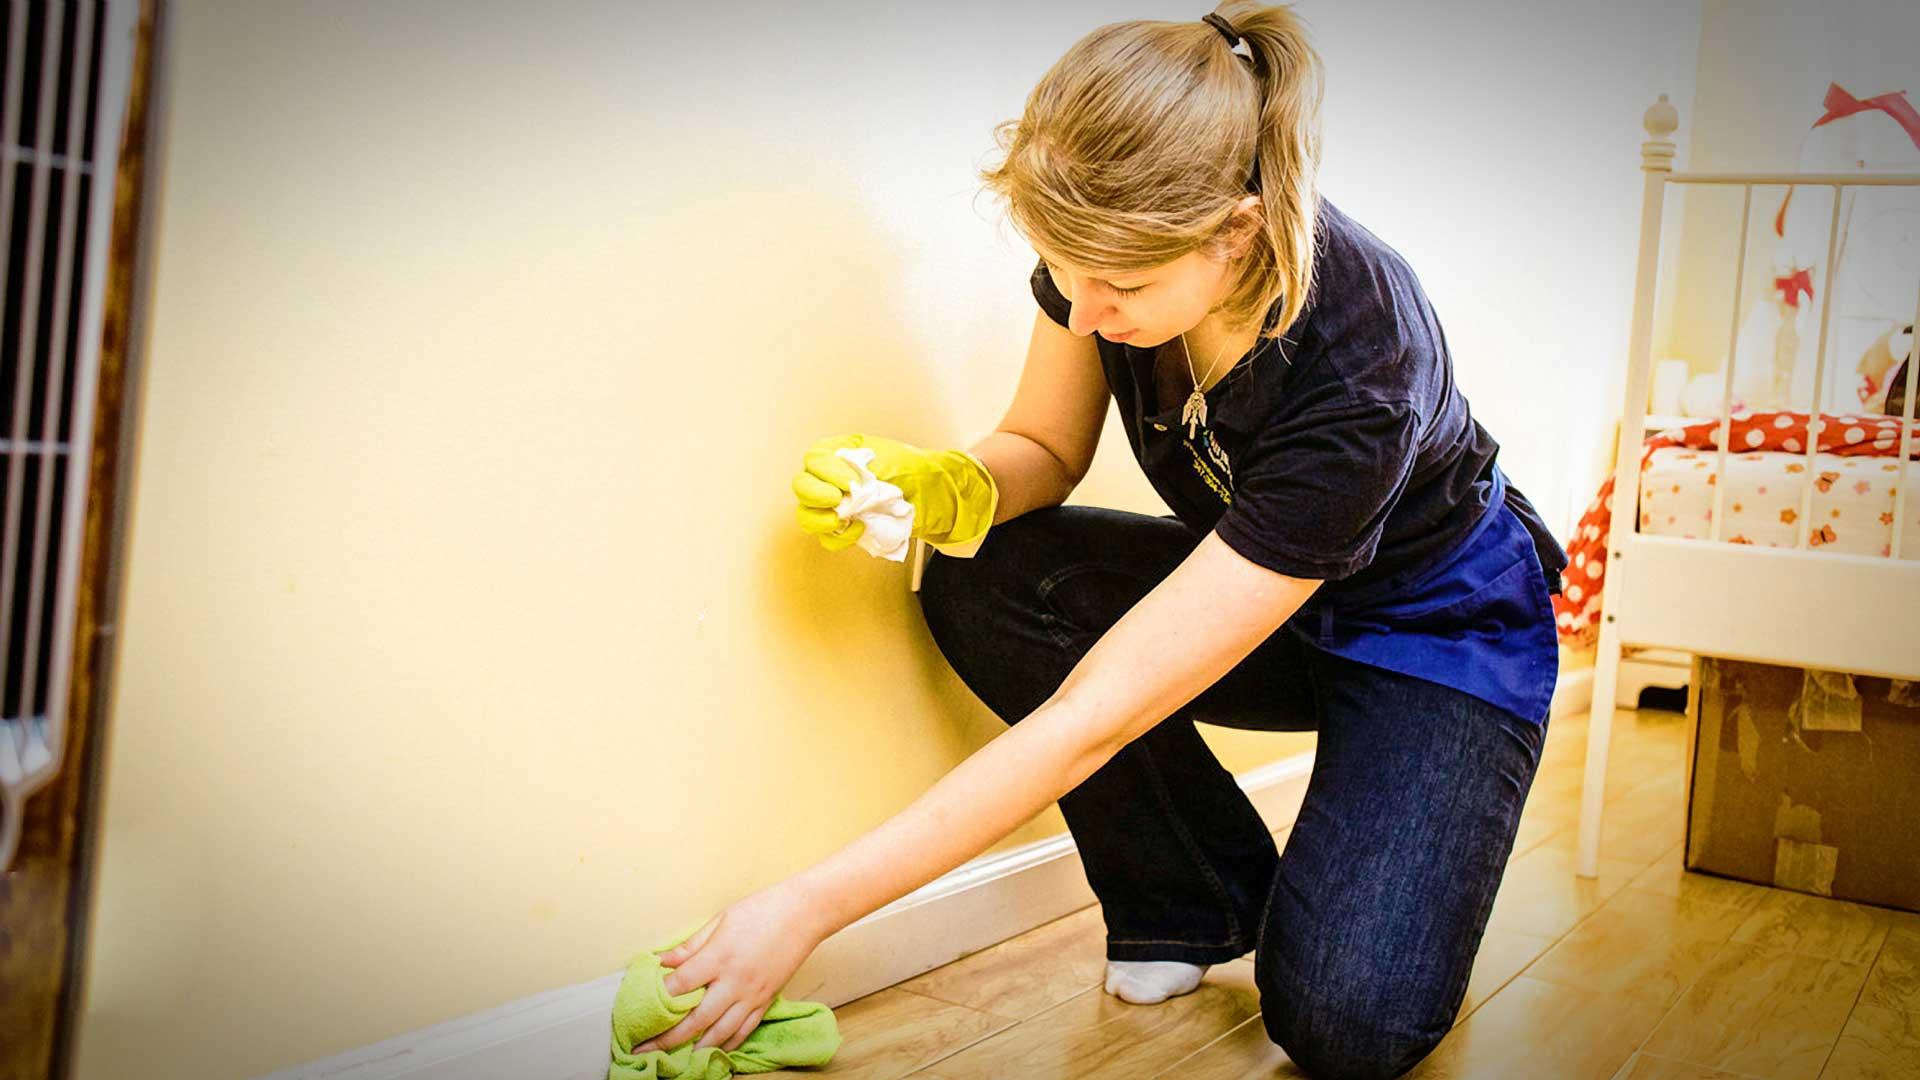 Типичные ошибки при уборке, которые сделают ваш дом еще грязнее - вы знали об этом?